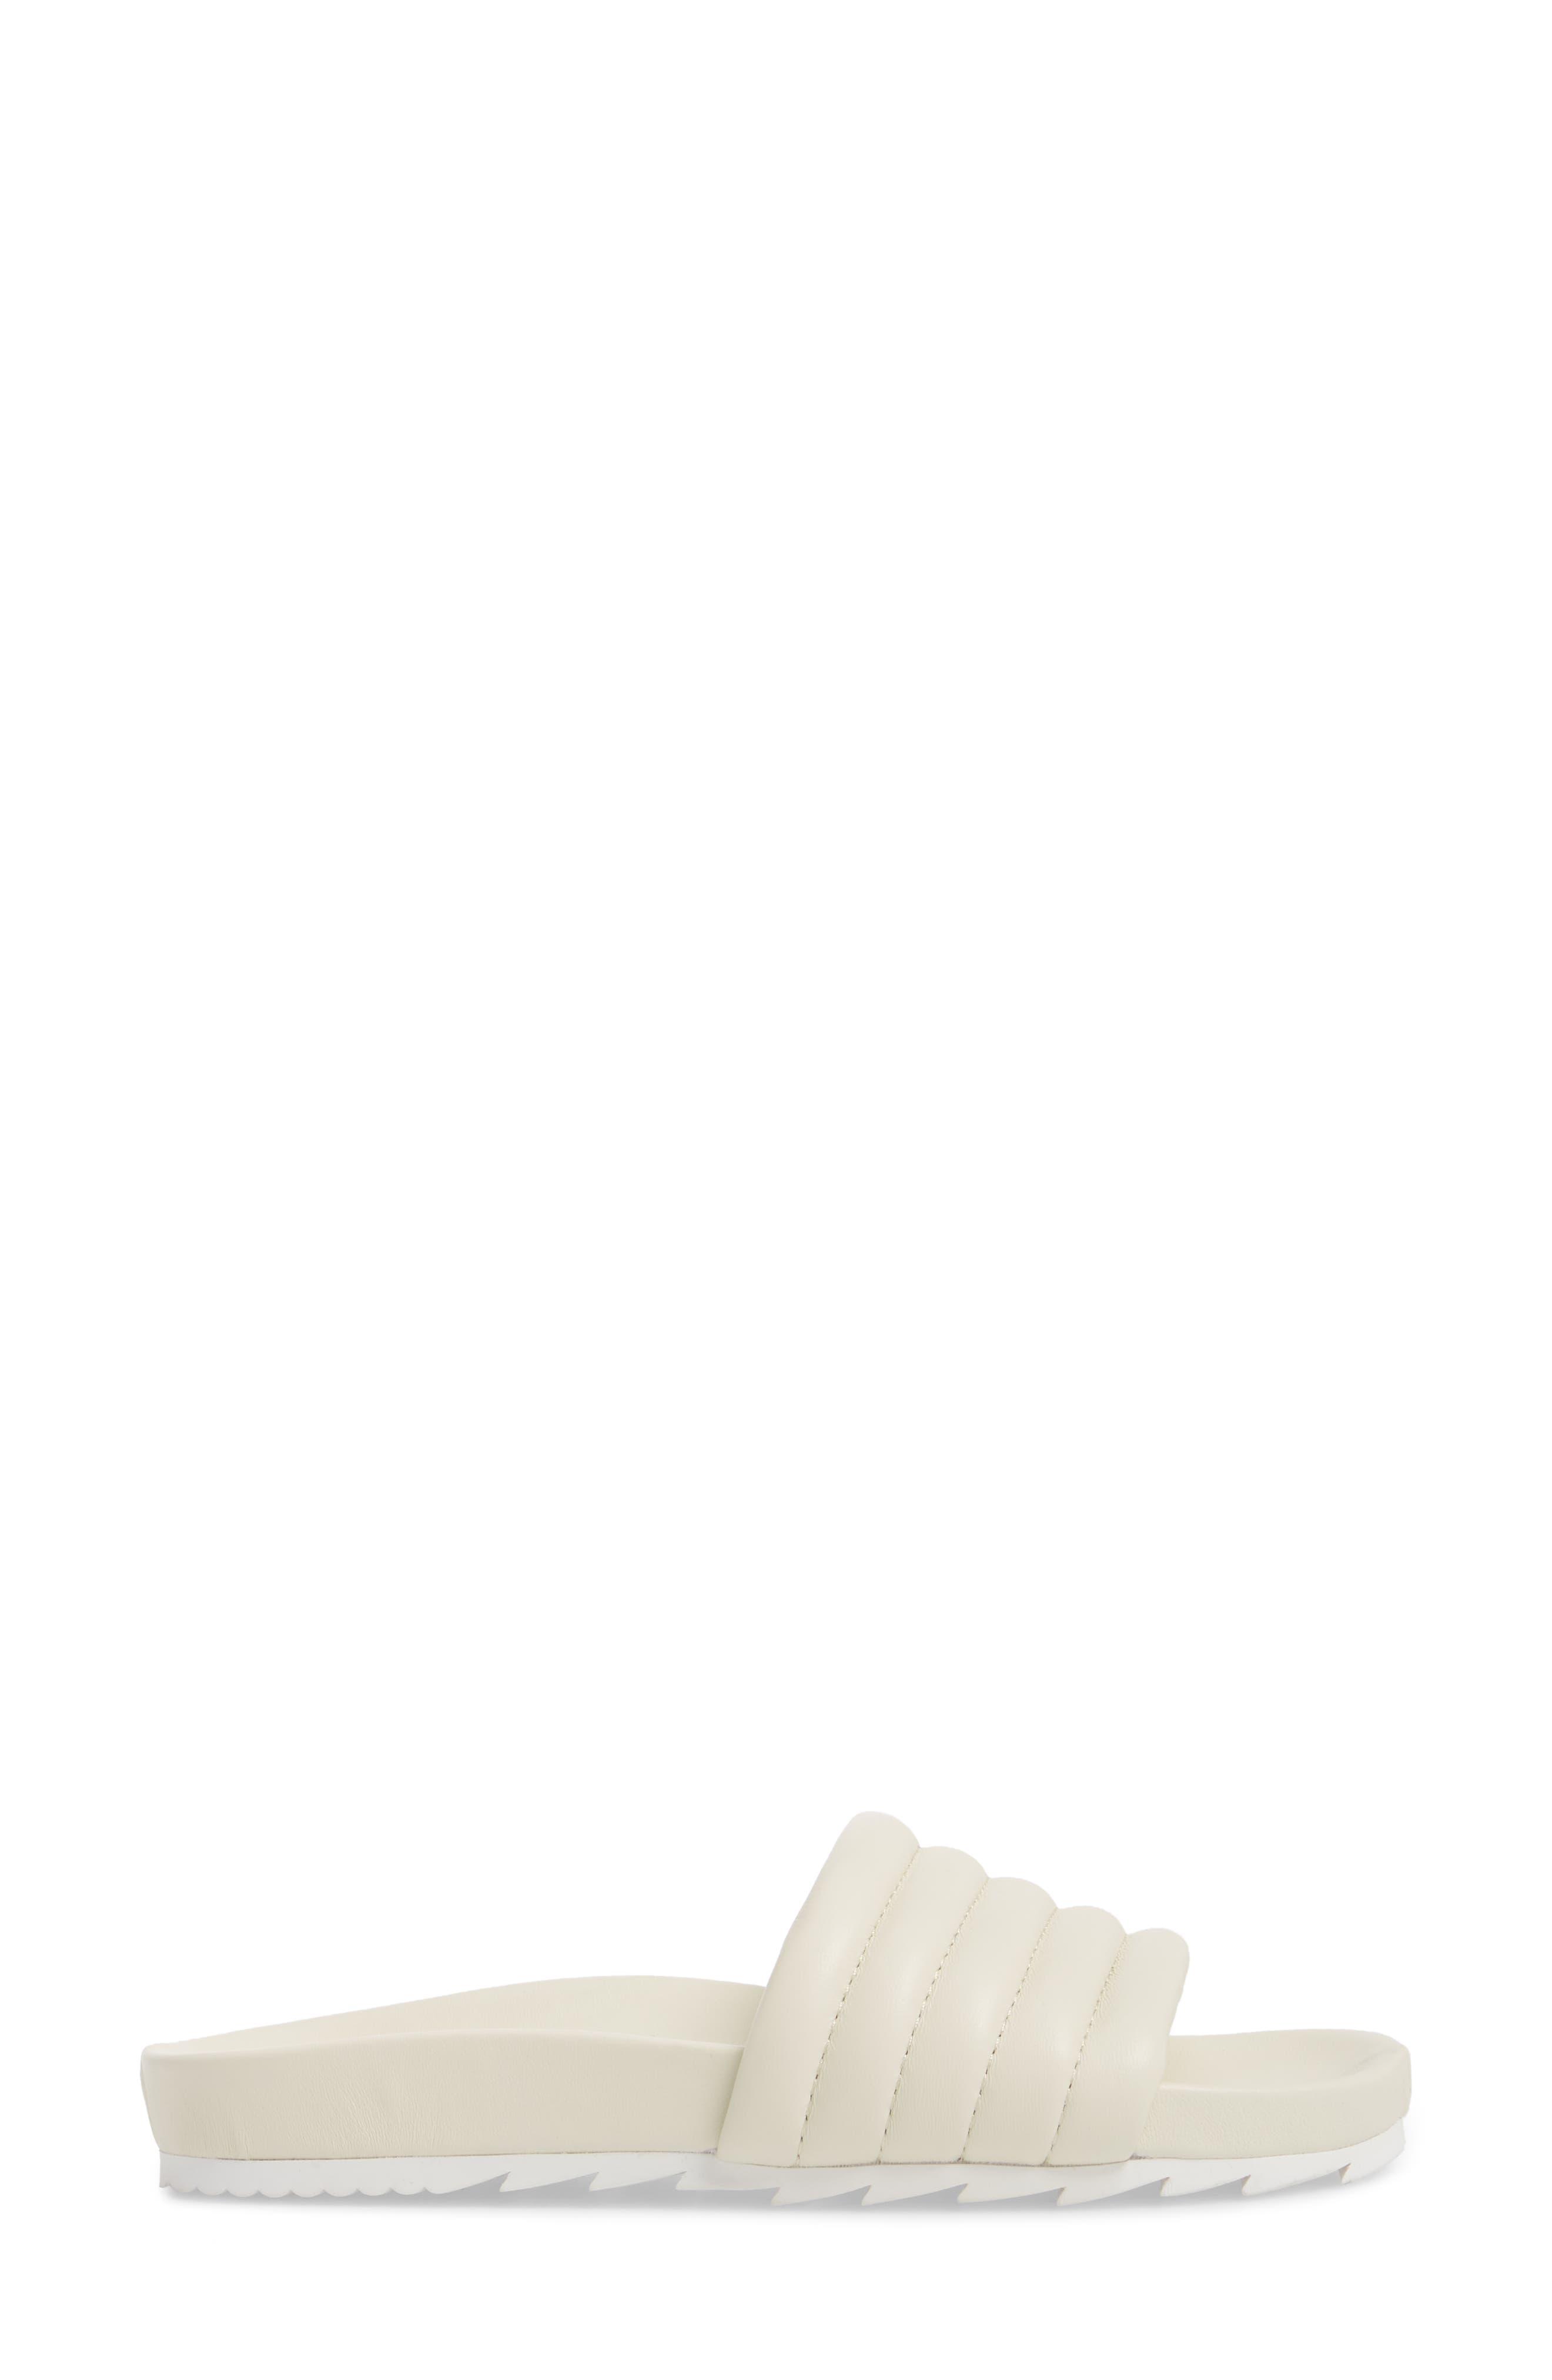 Eppie Slide Sandal,                             Alternate thumbnail 3, color,                             Off White Leather